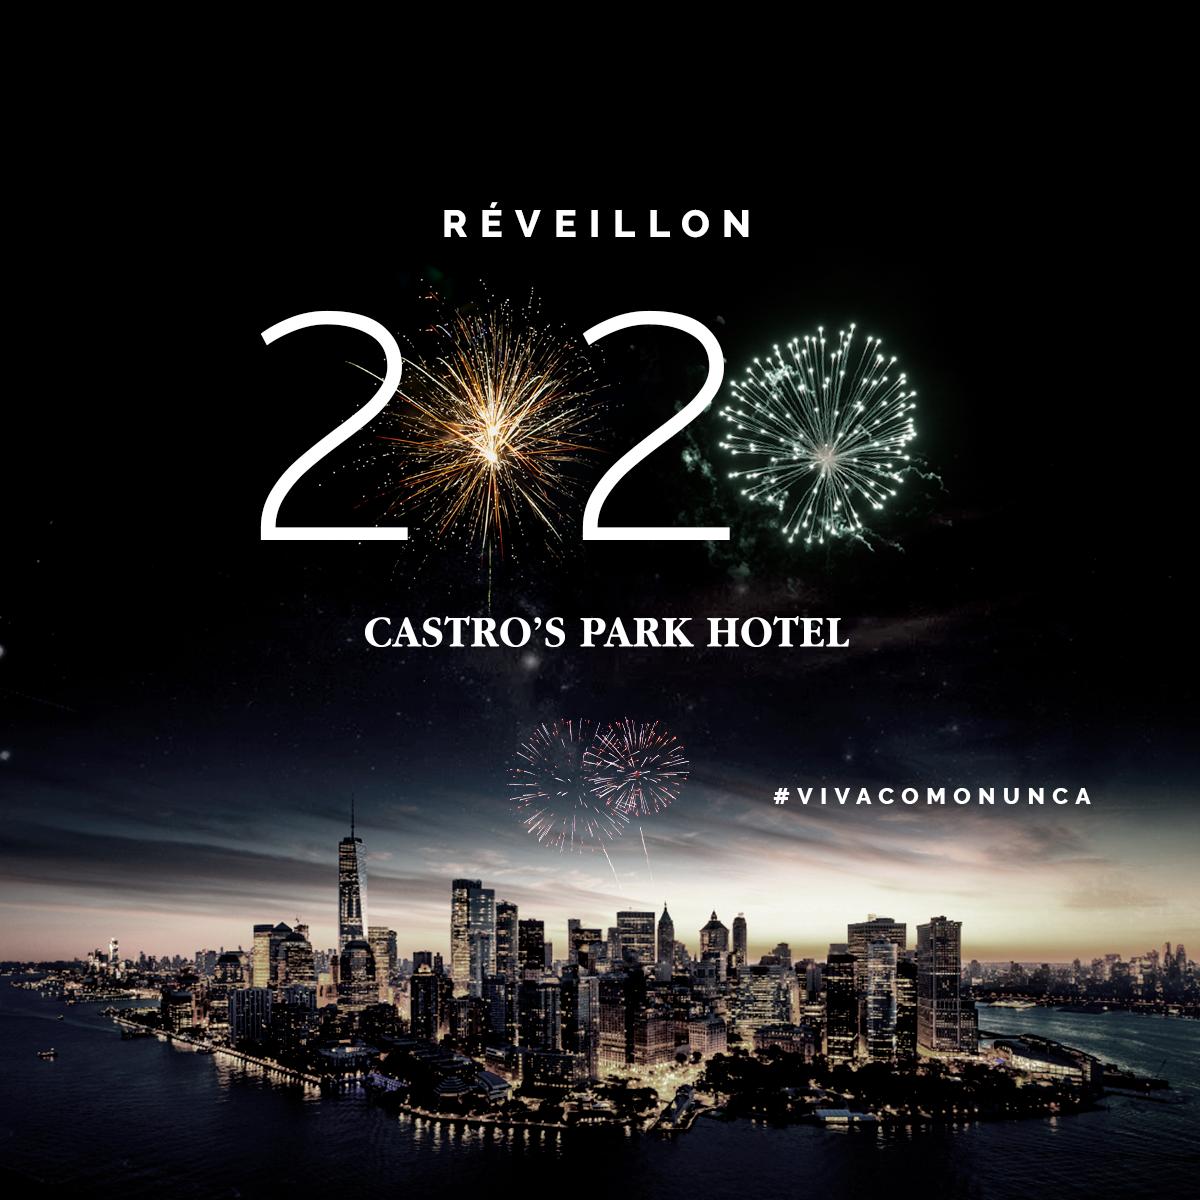 PI Castros Hotel - Reveillon